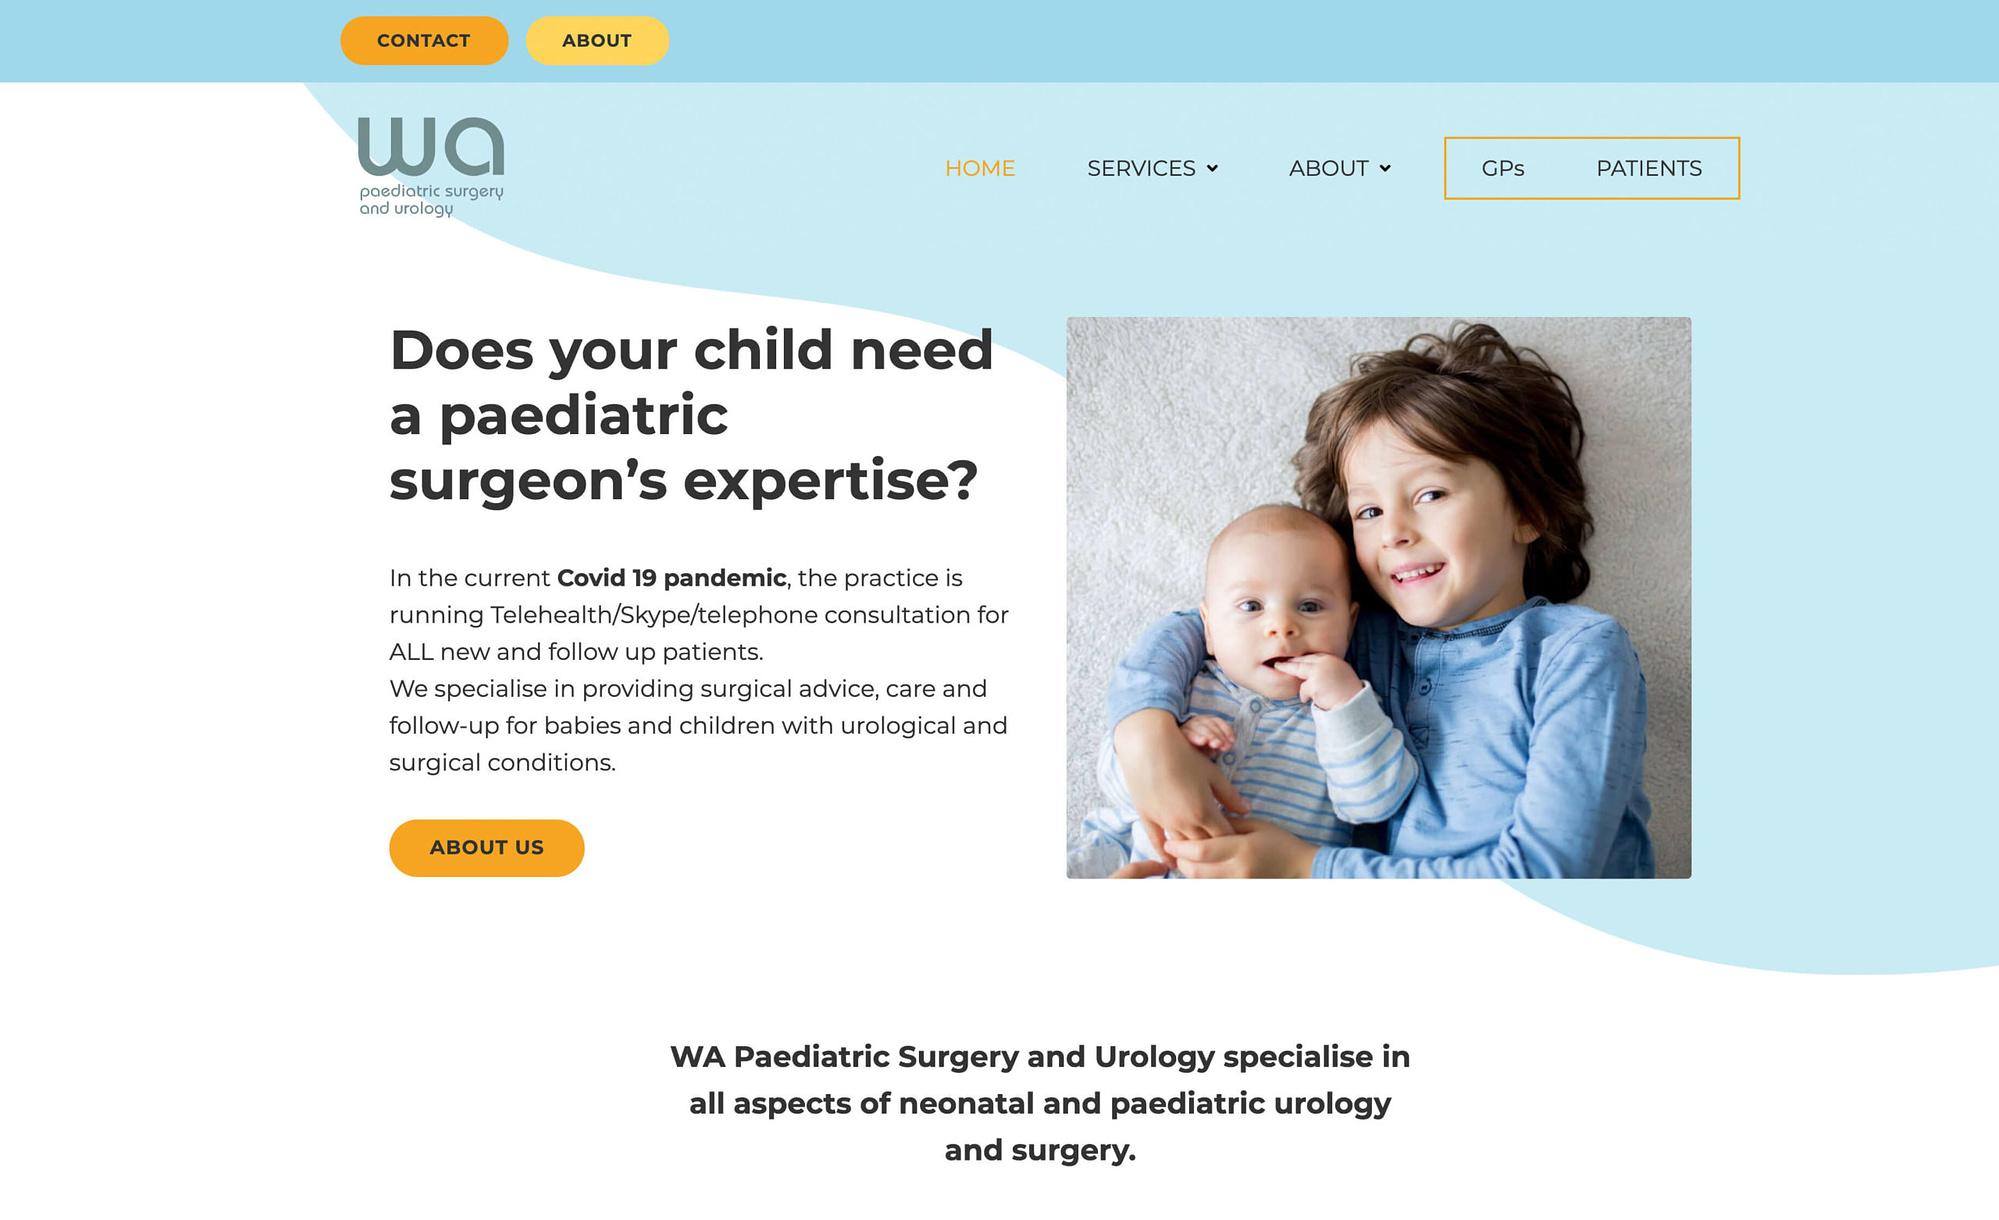 WA Paediatric Surgery & Urology